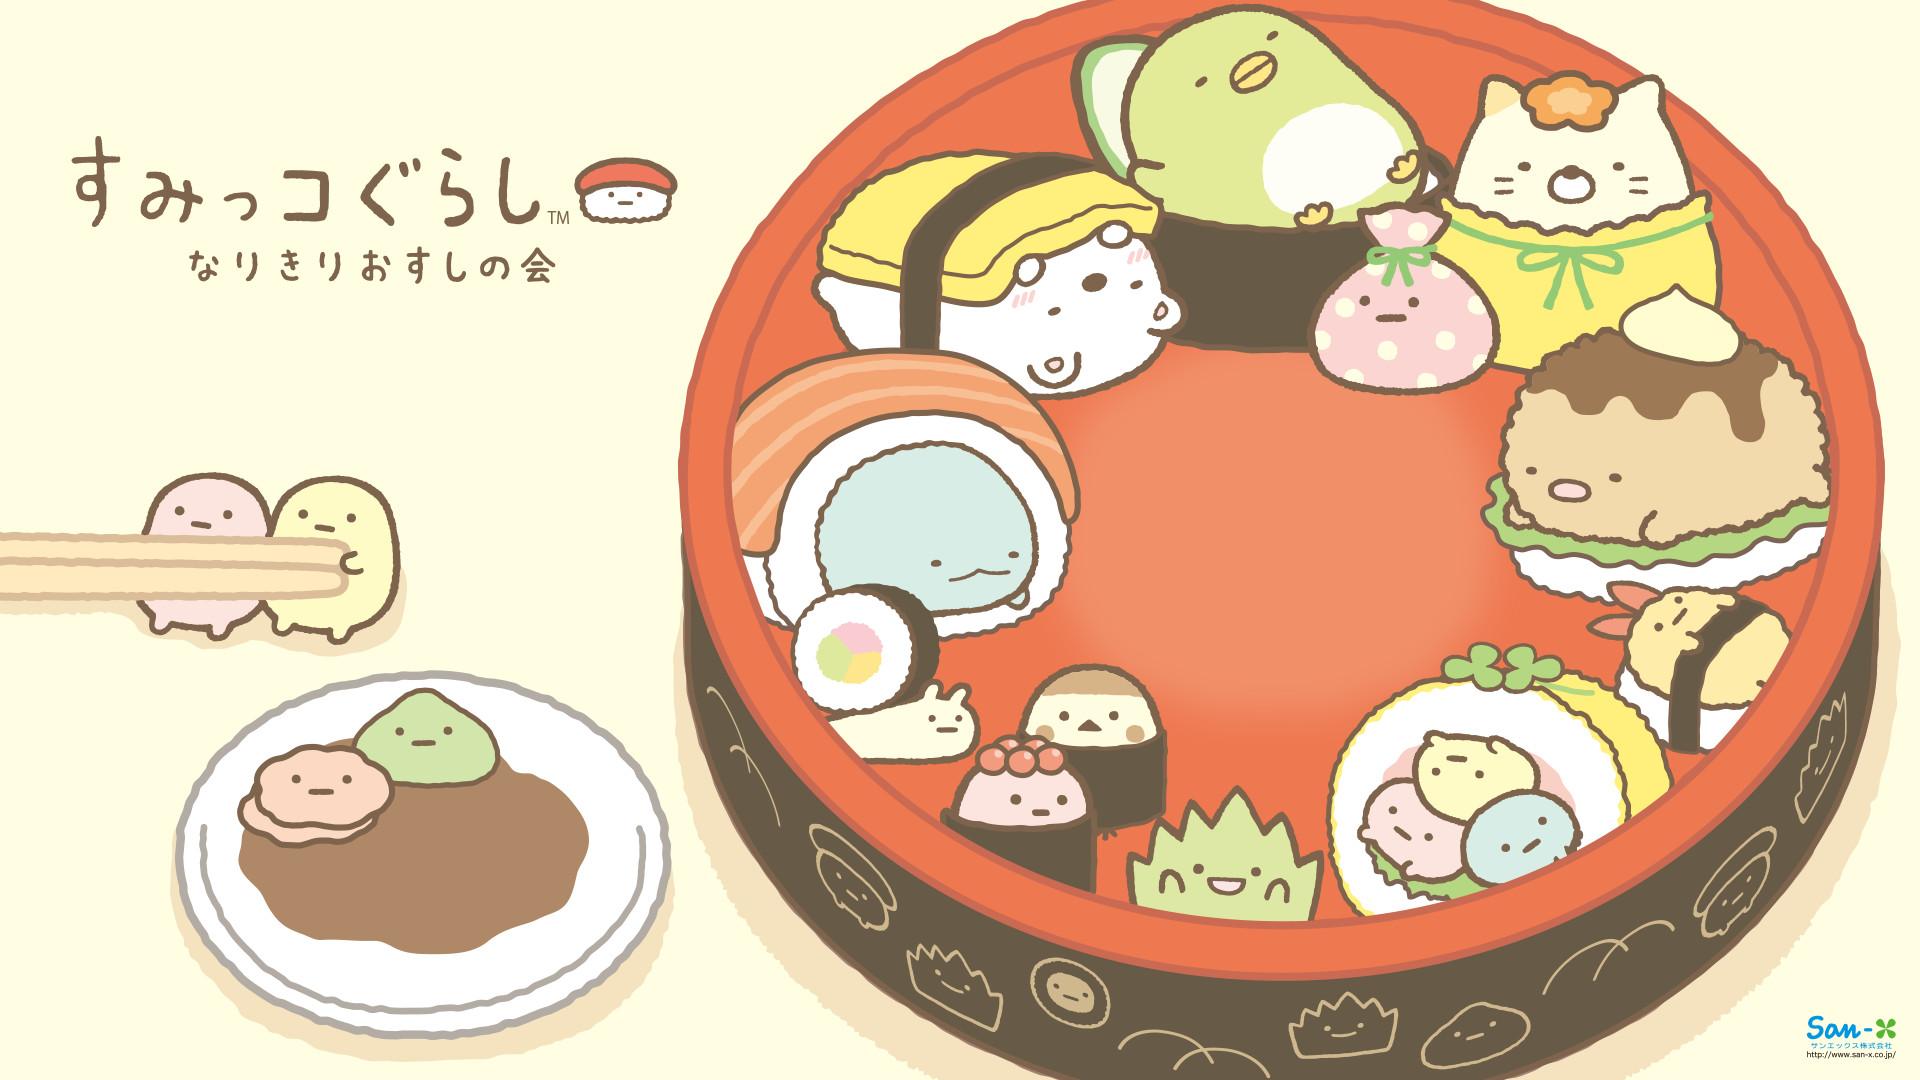 10_1080_1920.png (1920×1080)   kawaii character   Pinterest   Kawaii, Kawaii  art and Illustrators